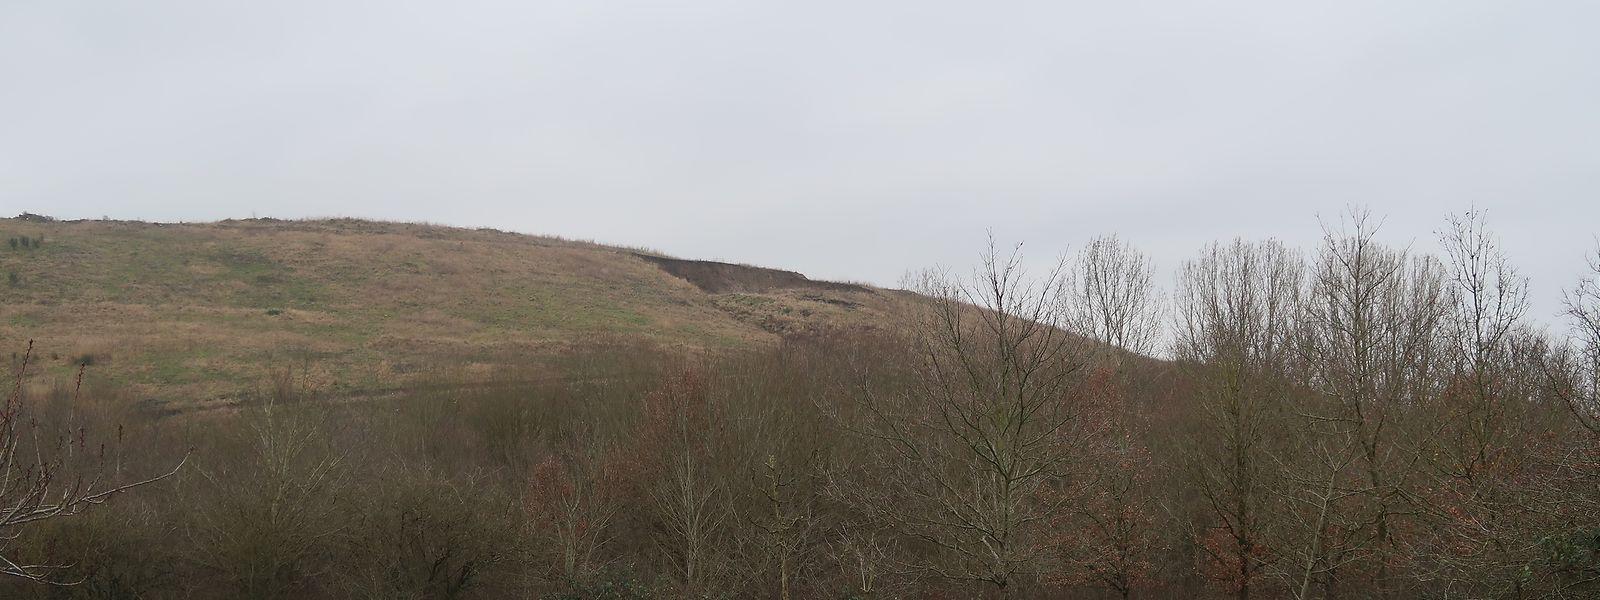 Der neue Erdrutsch fand oberhalb der Deponie Richtung Monnerich statt, in einem Bereich relativ weit von der neuen Straße entfernt.